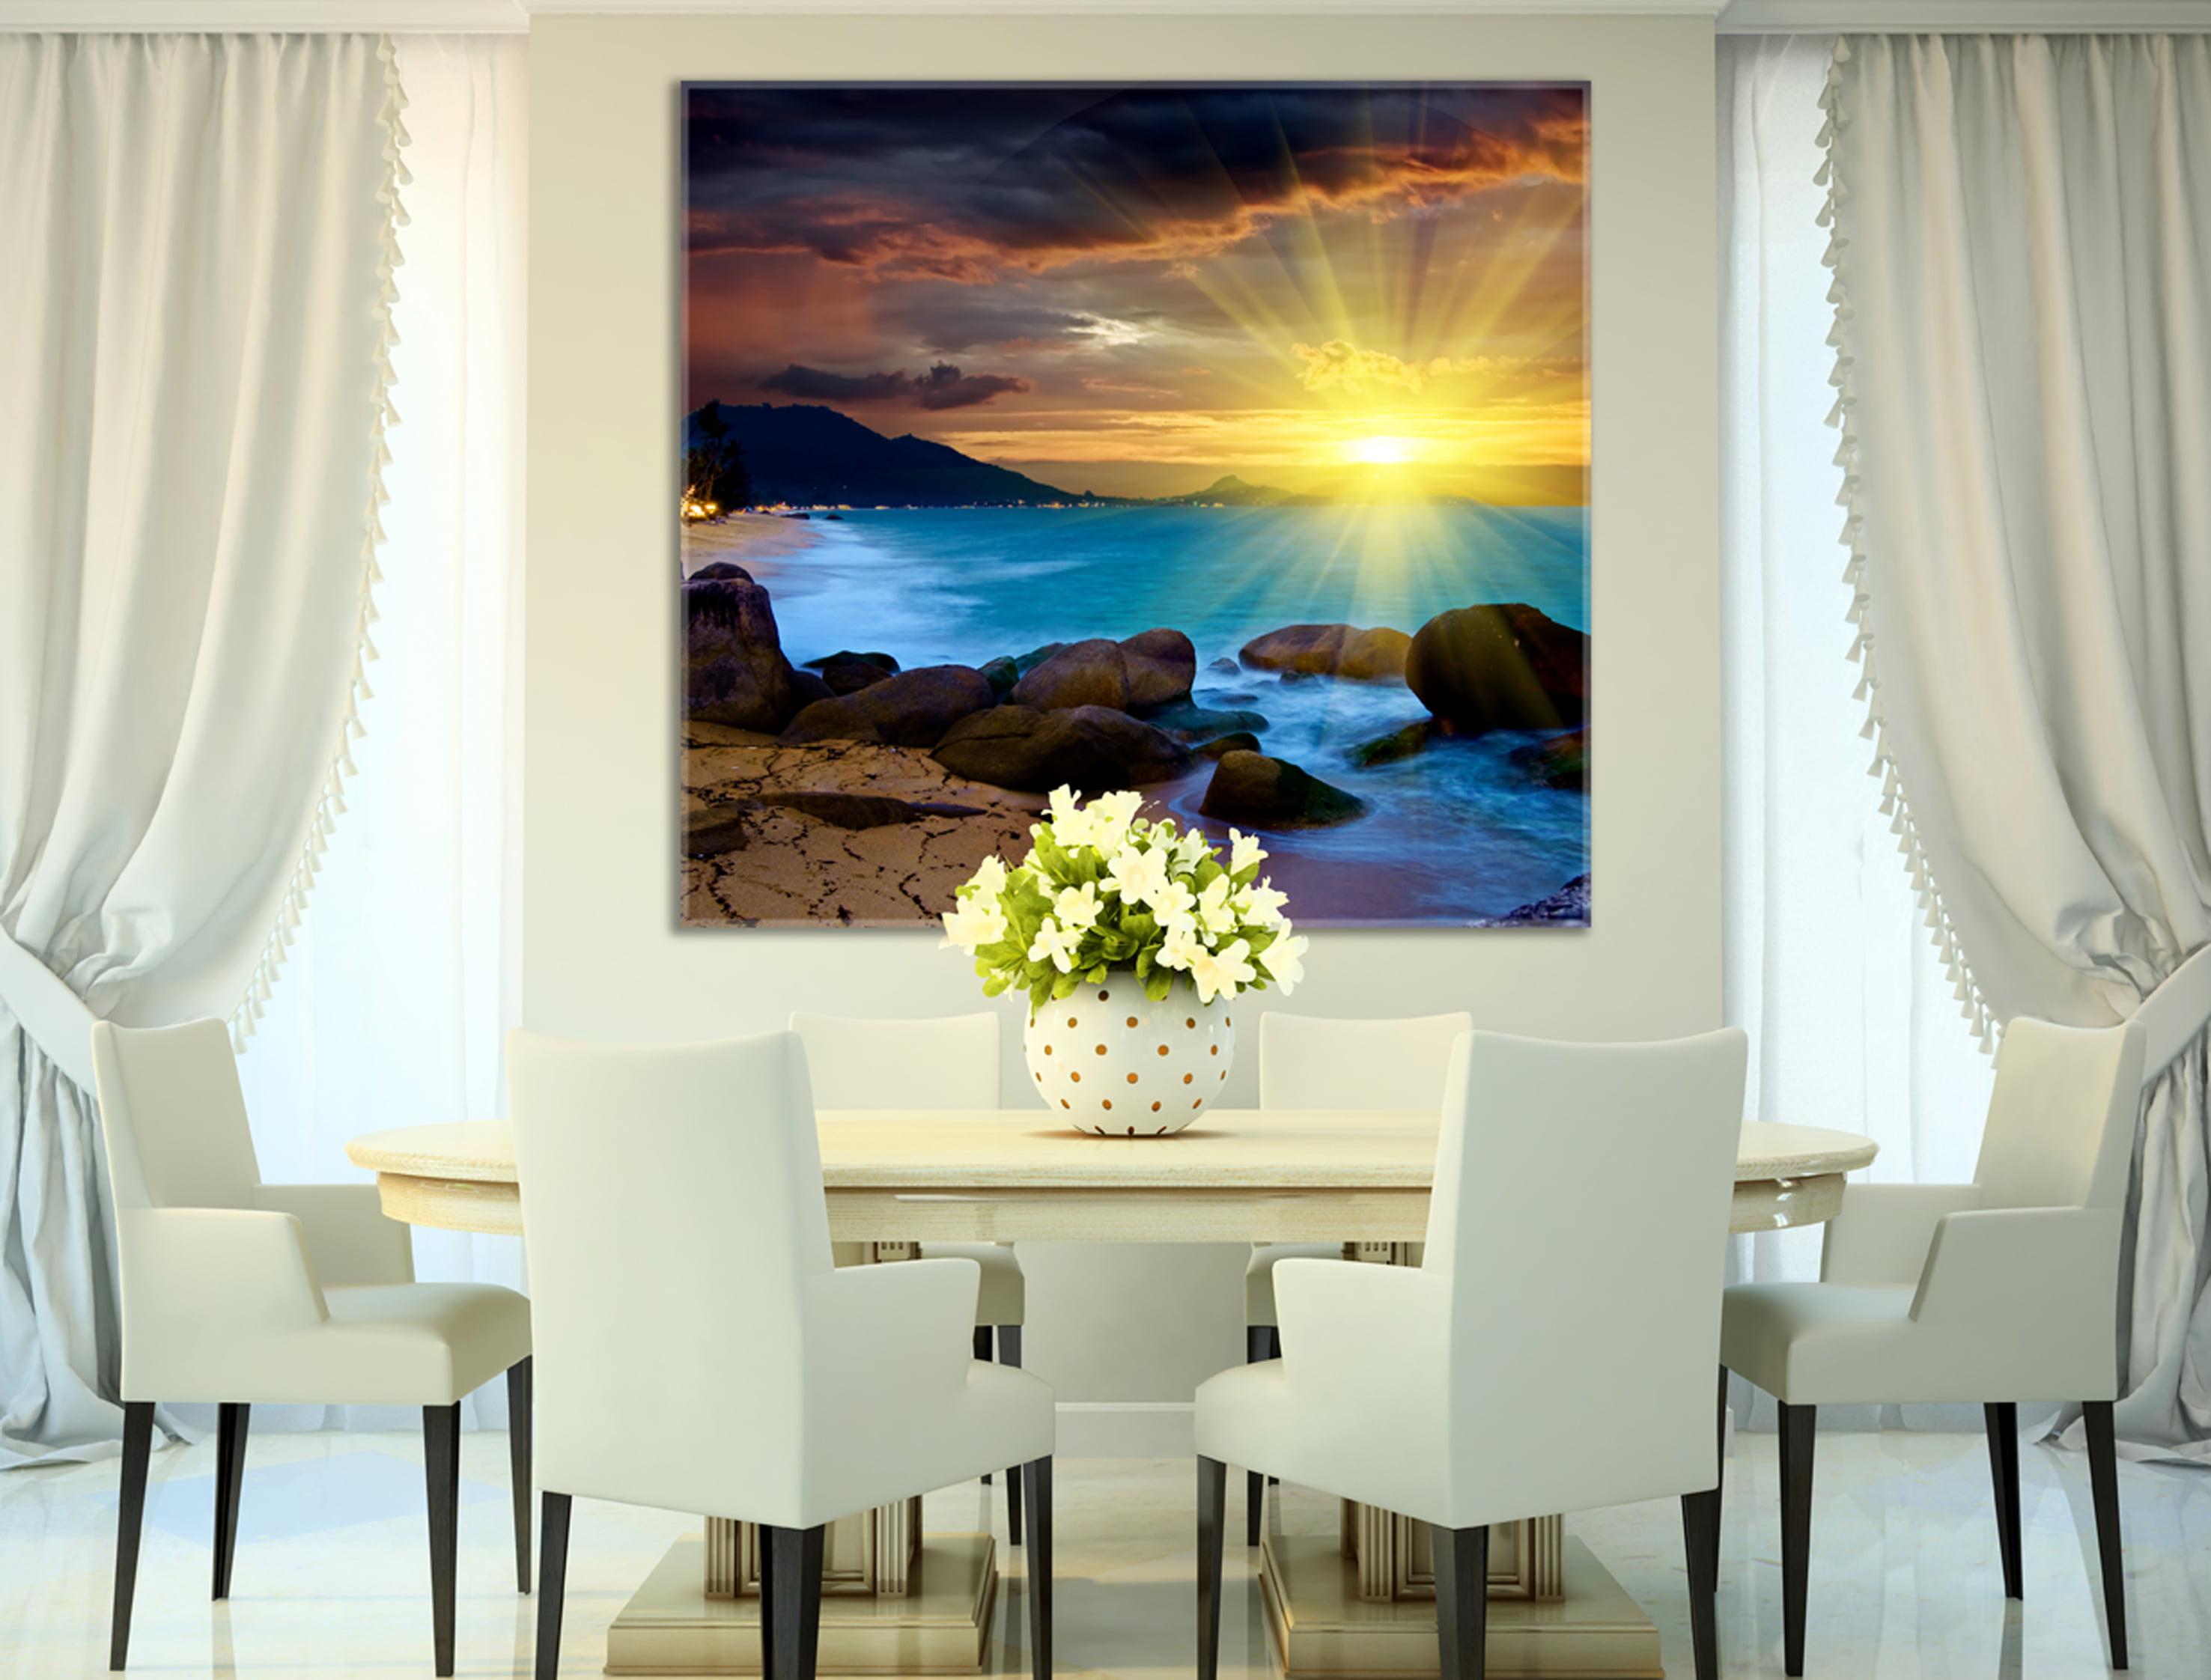 הדפסות על זכוכית לעיצוב הבית | חיוכים - הדפסות קנבס ומגנטים לאירועים